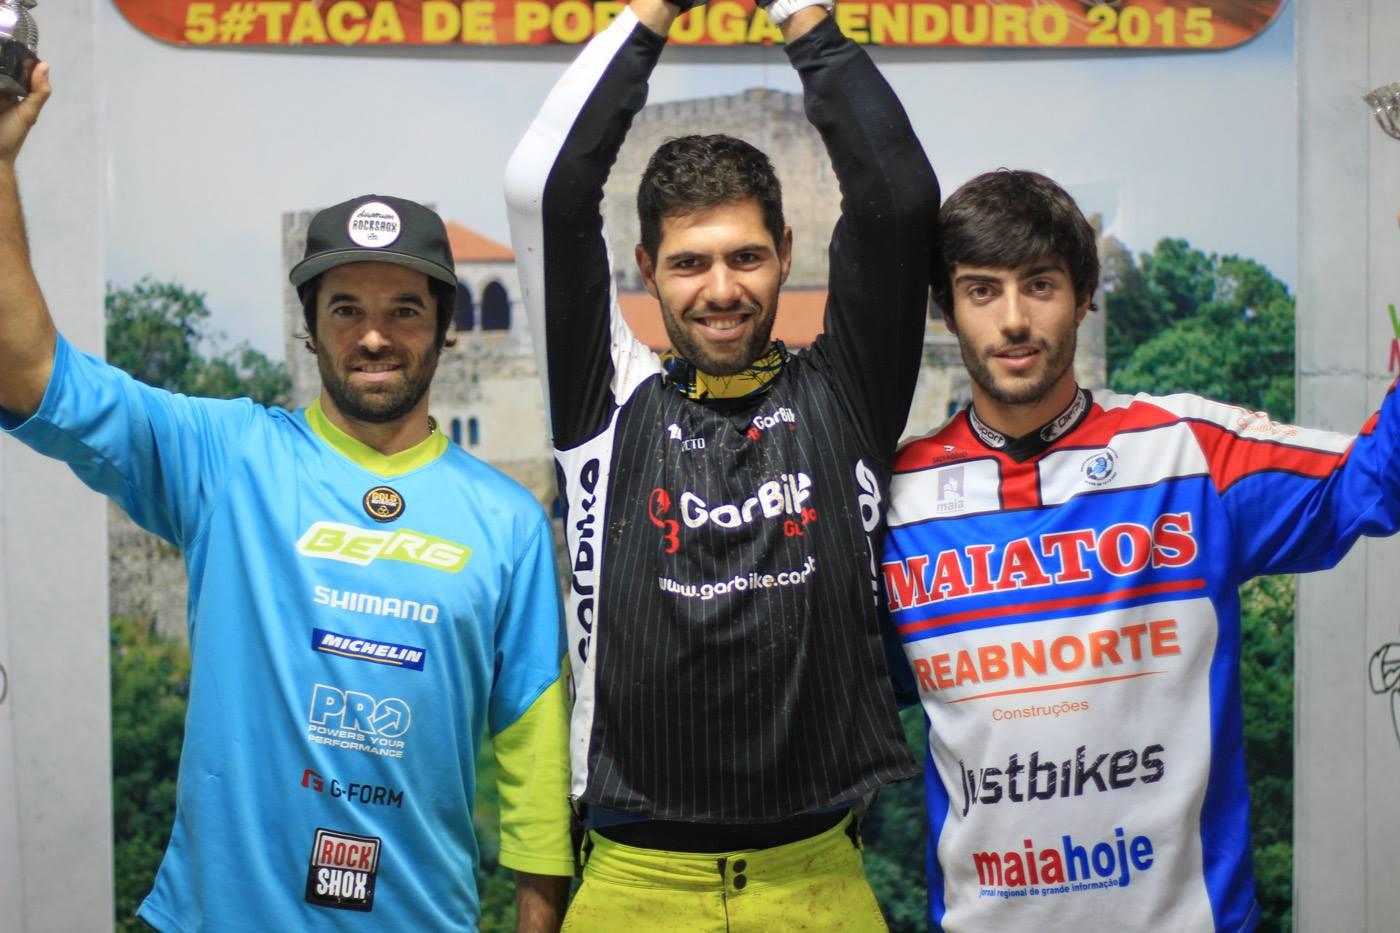 Taça de Portugal de Enduro BTT 2015 (3)